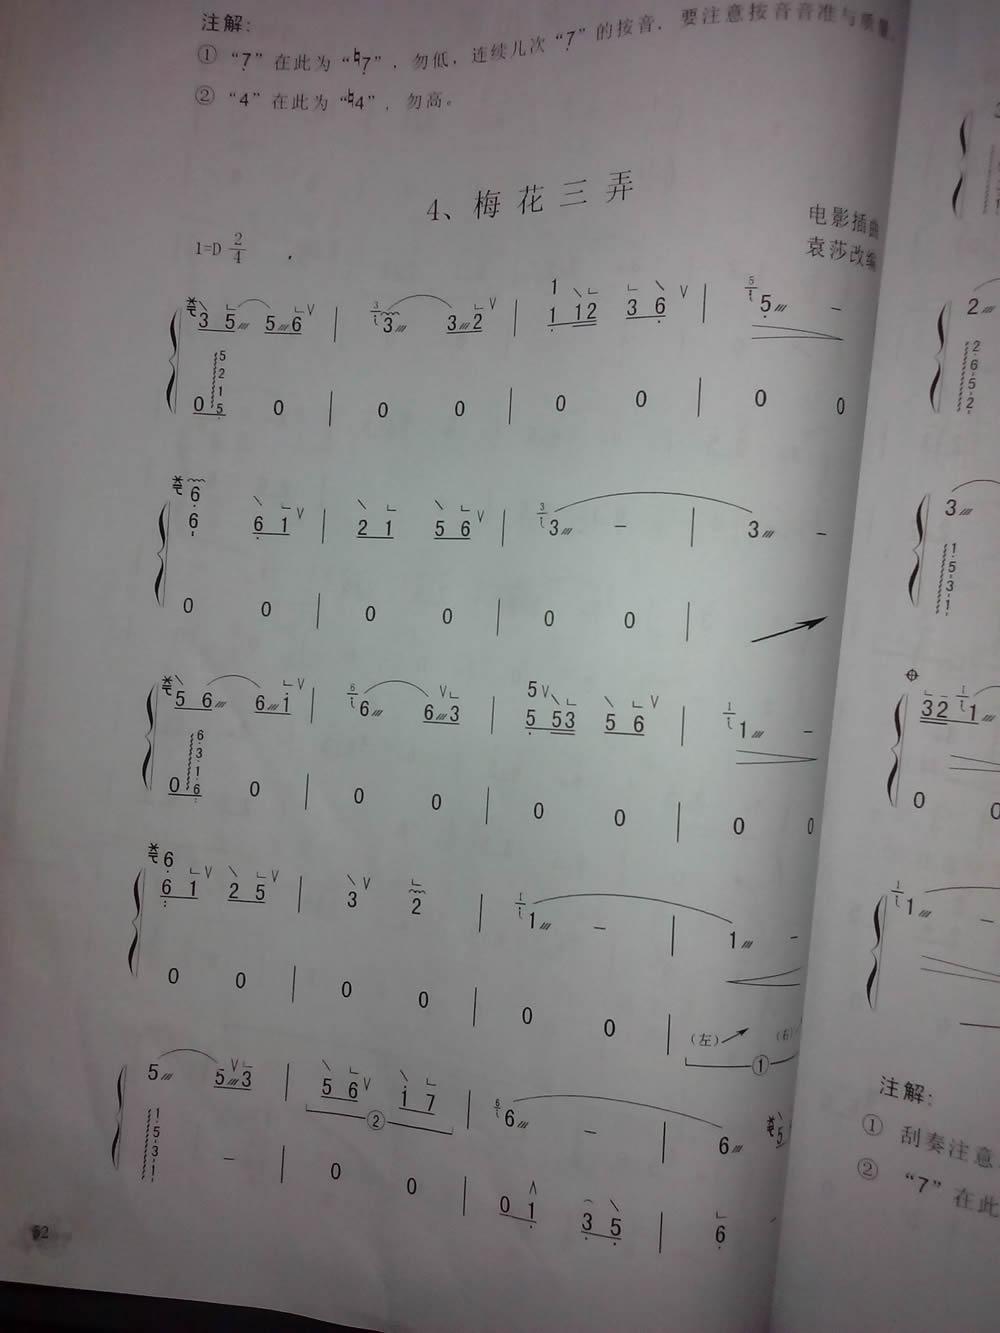 梅花三弄练习曲-袁莎改编 - 艺术古筝曲谱 - 中国古筝